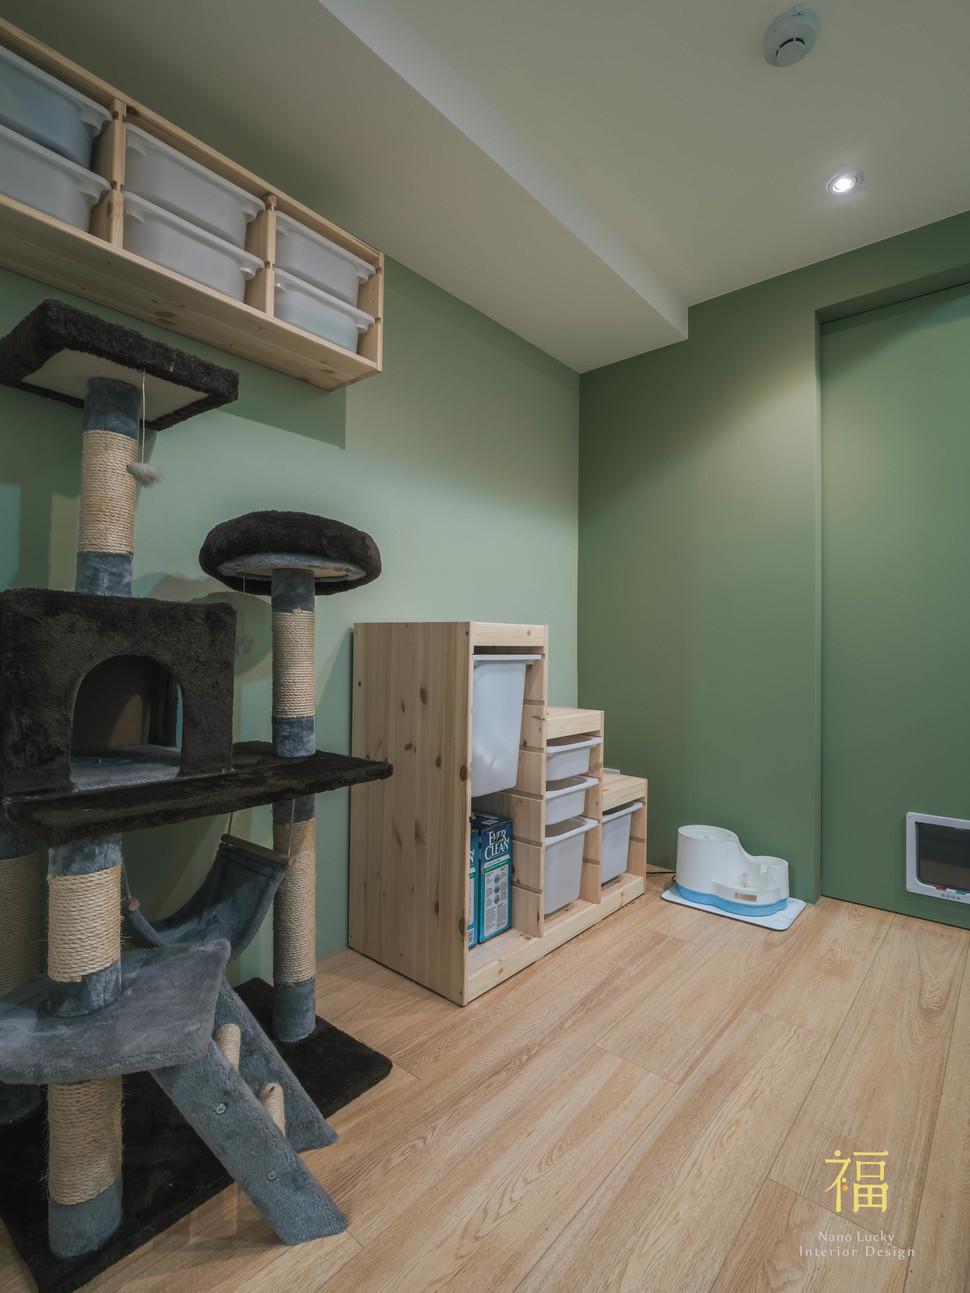 Nanolucky小福砌空間設計-民國路貓貓宅-公寓住宅設計-日系無印風-寵物友善設計